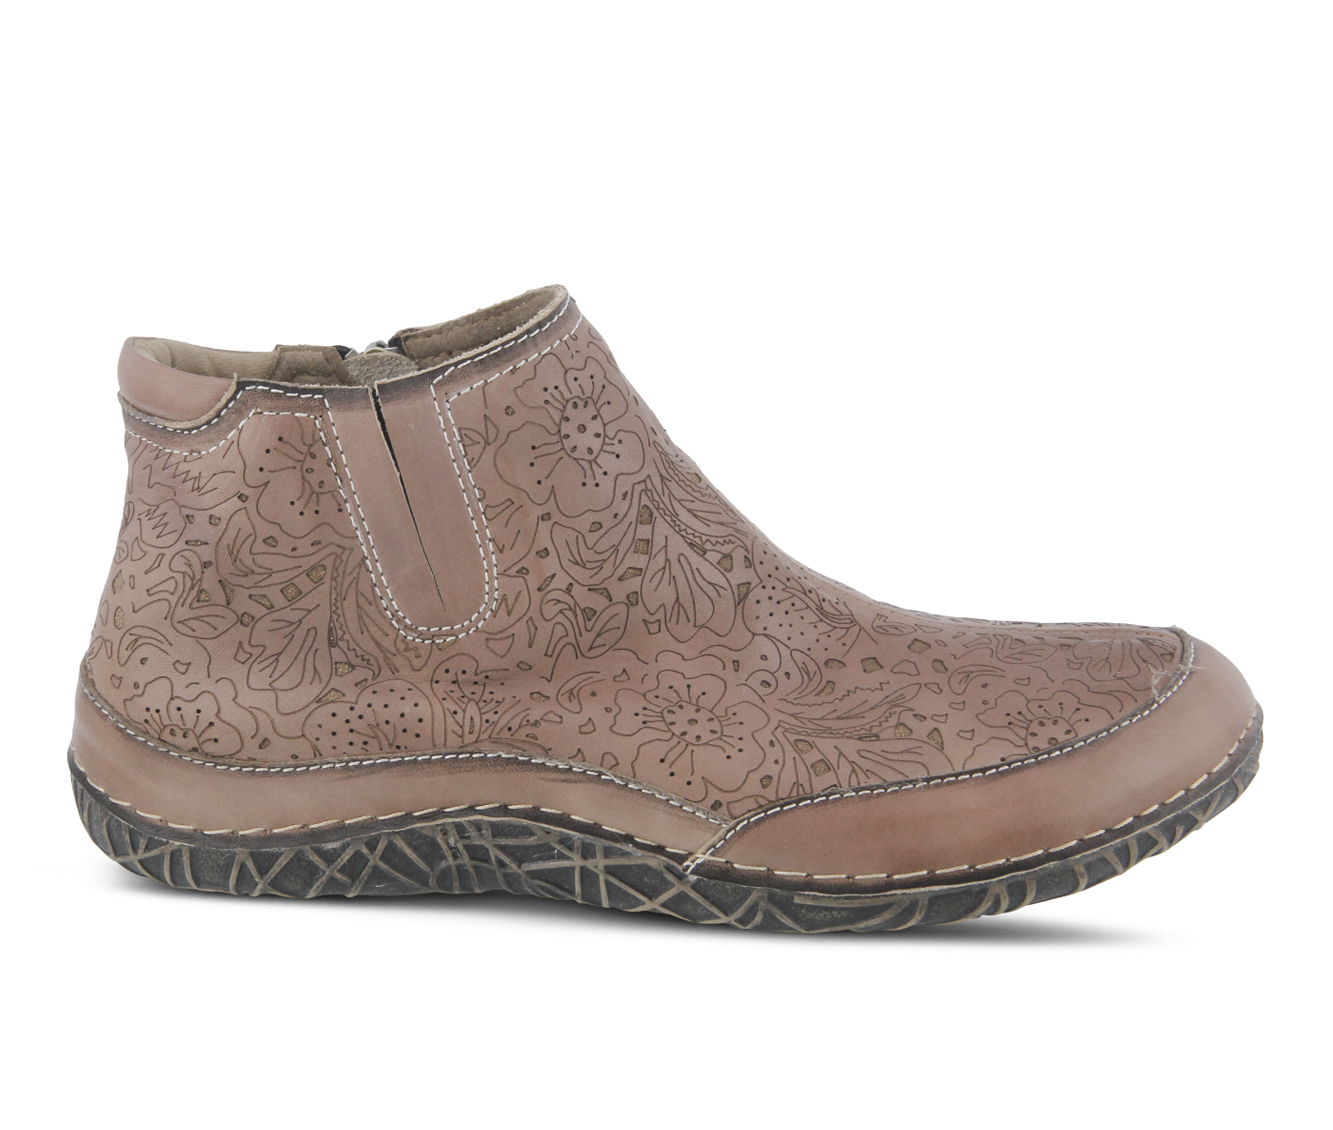 L'Artiste Libootie Women's Boots (Beige Leather)